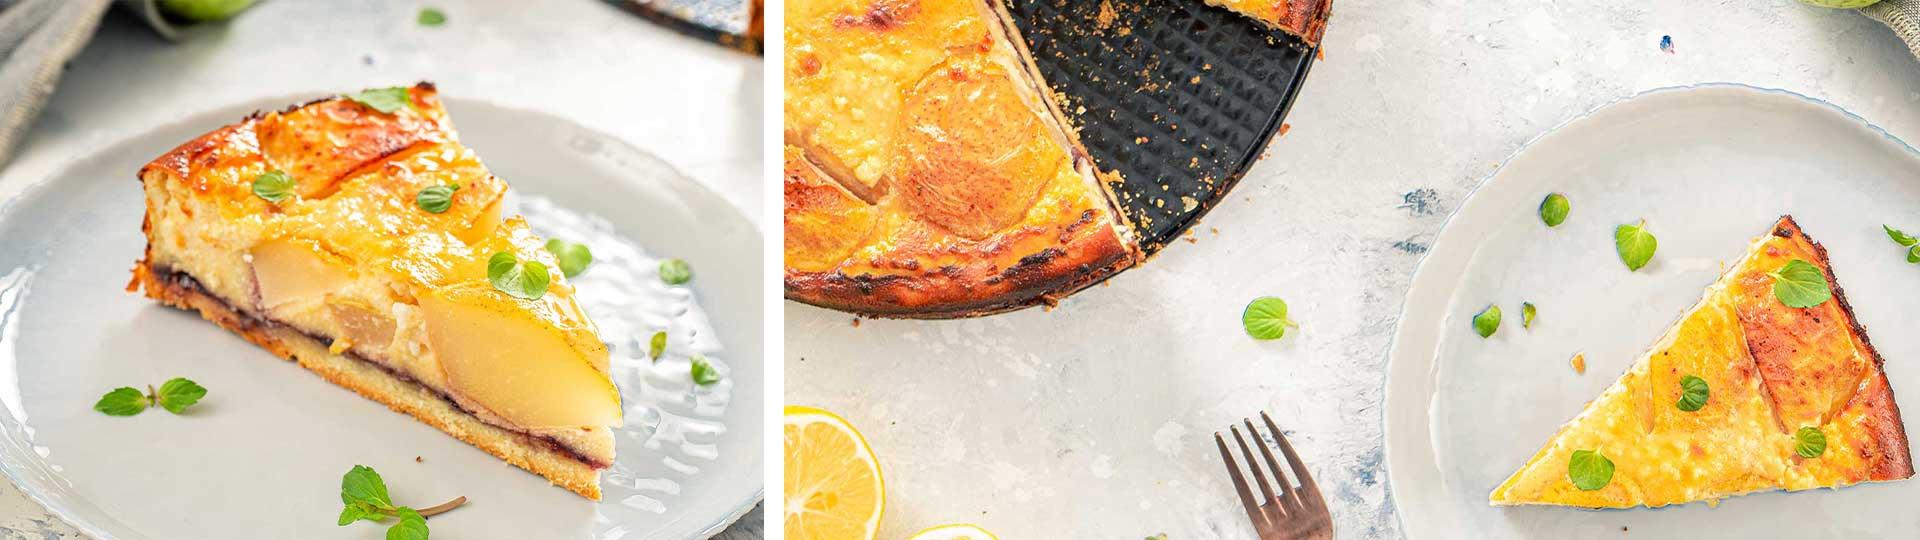 Десерти с вкус на есен: колаж от две снимки на сладкиш с круши и сладко от боровинки